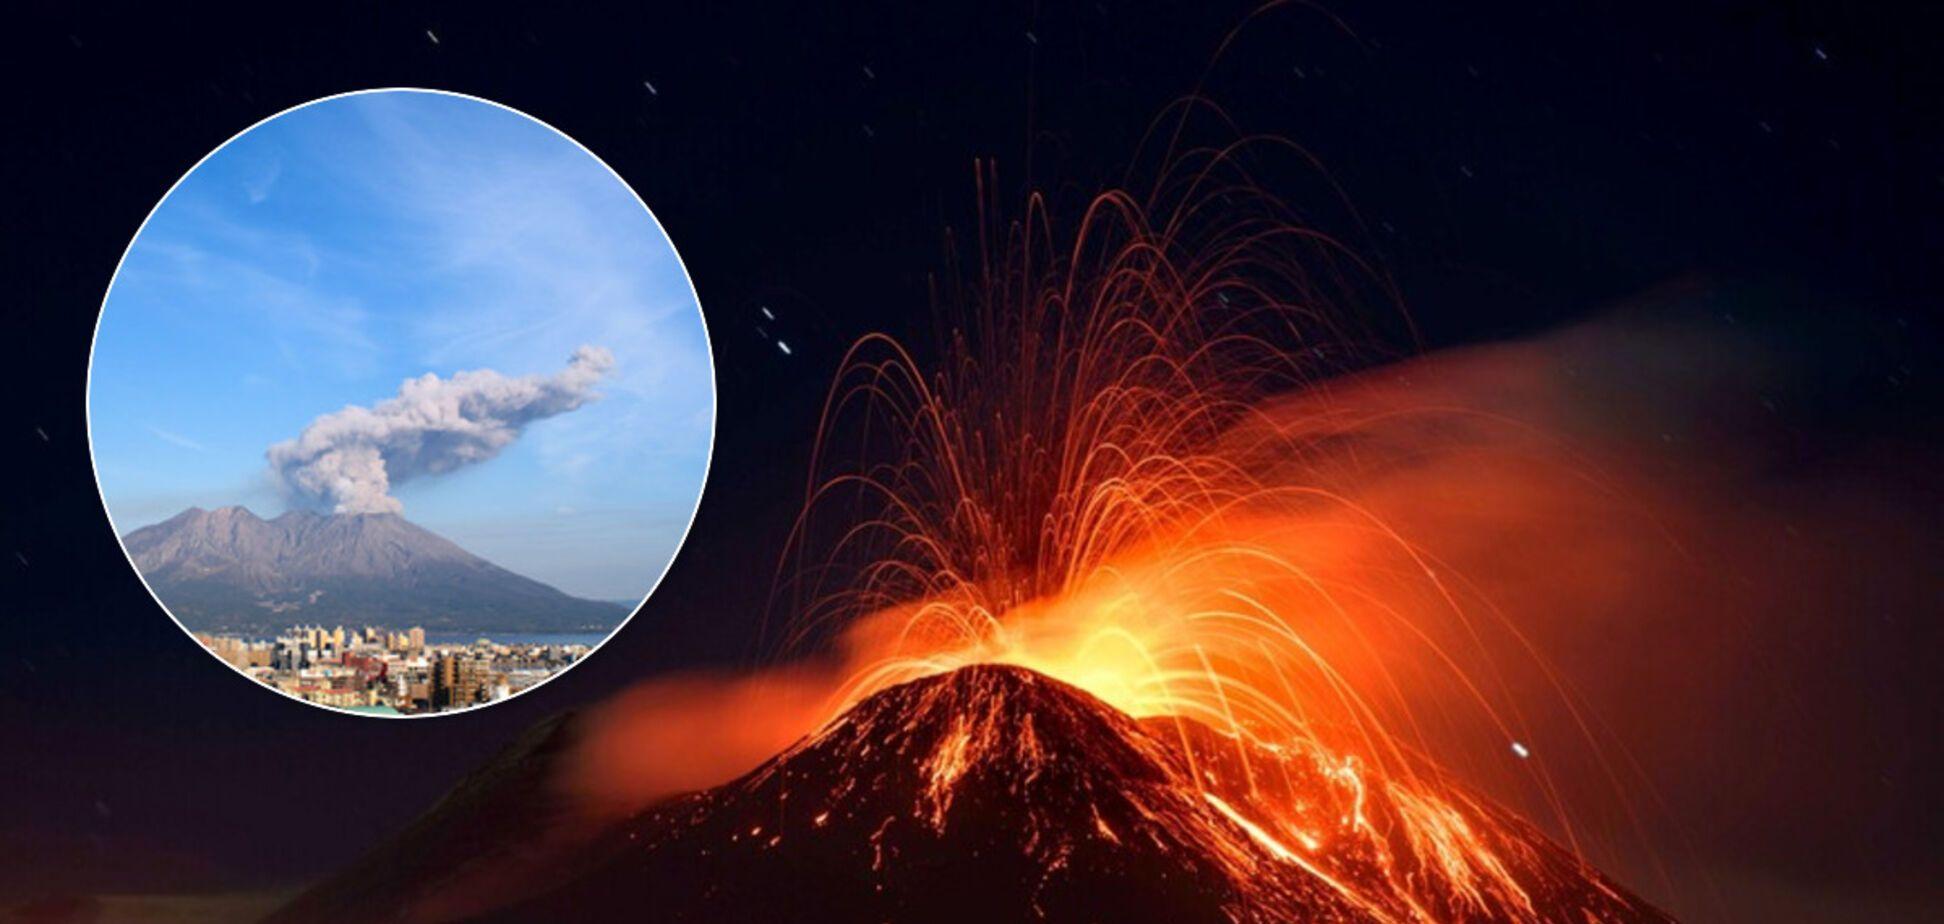 Пепел поднялся на 4,5 км: в Италии проснулся вулкан Этна. Впечатляющие фото и видео